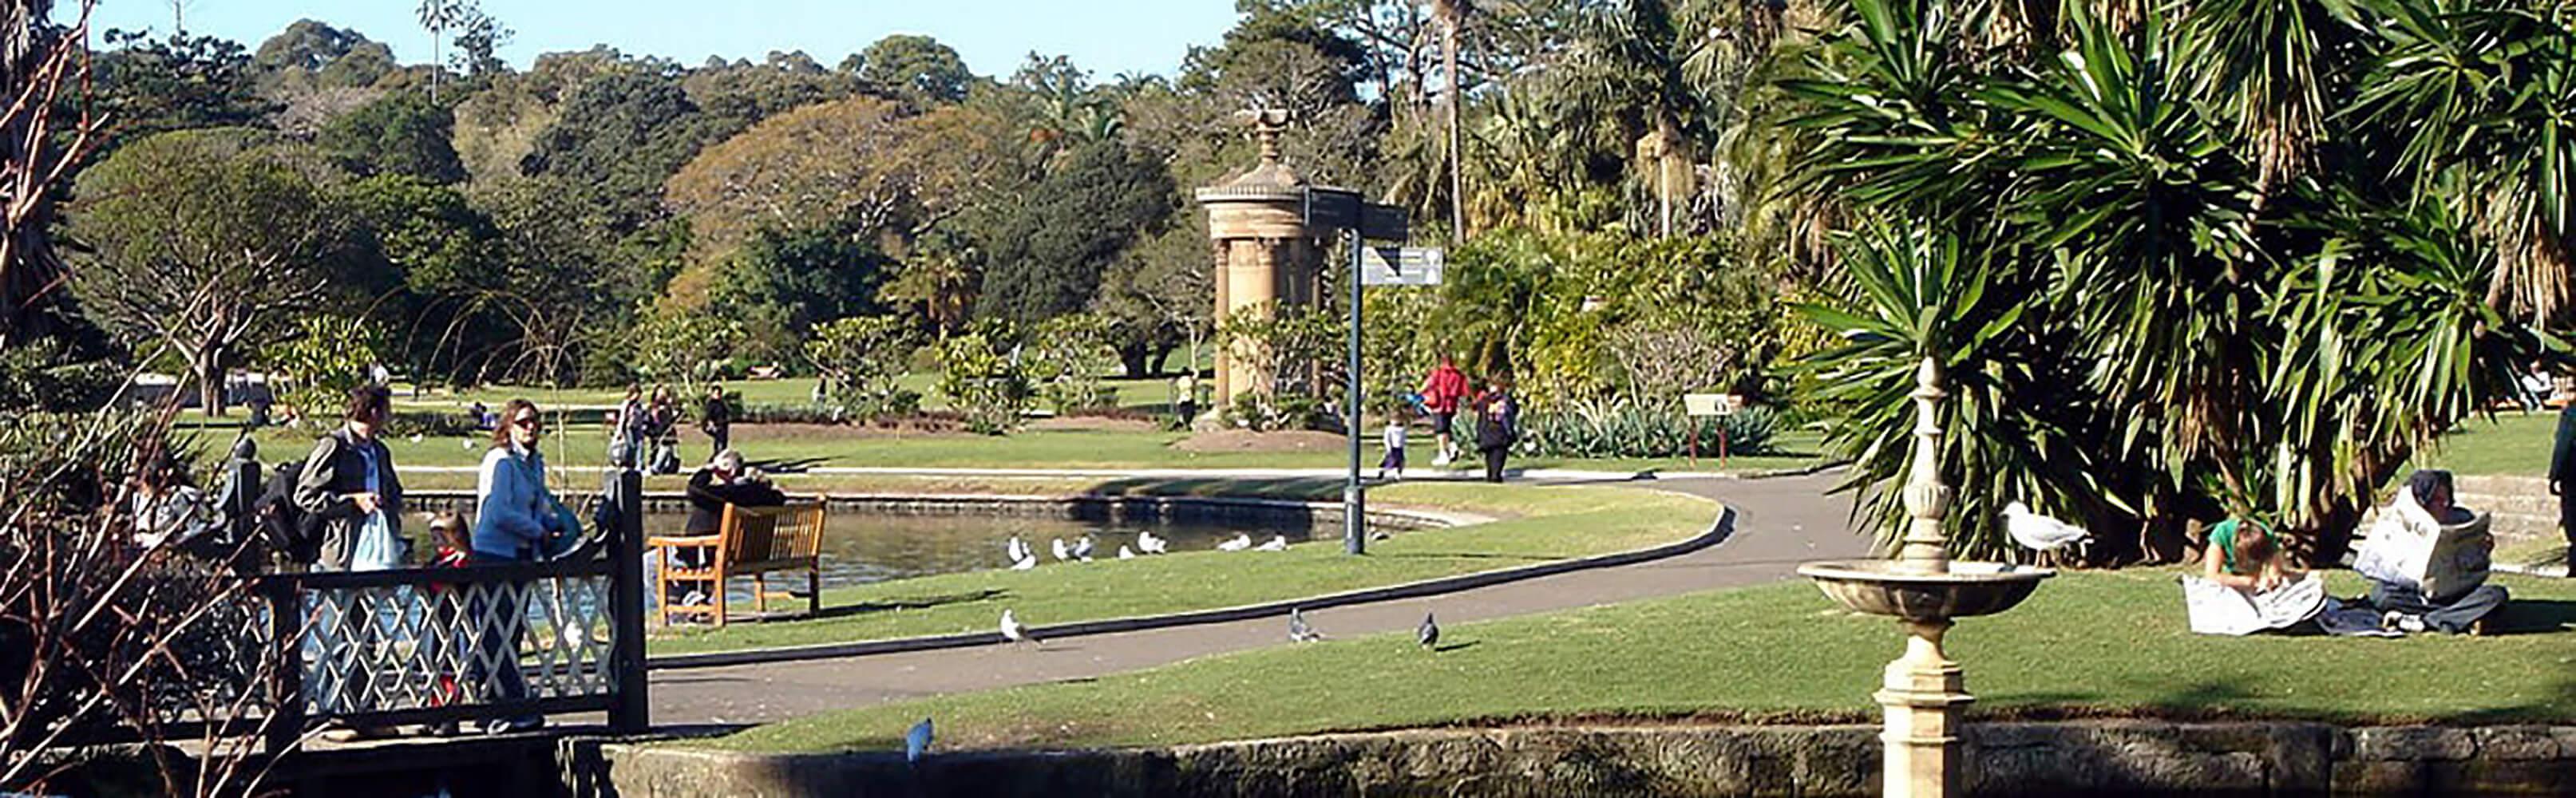 Royal Botanic Gardens (Sydney) 1